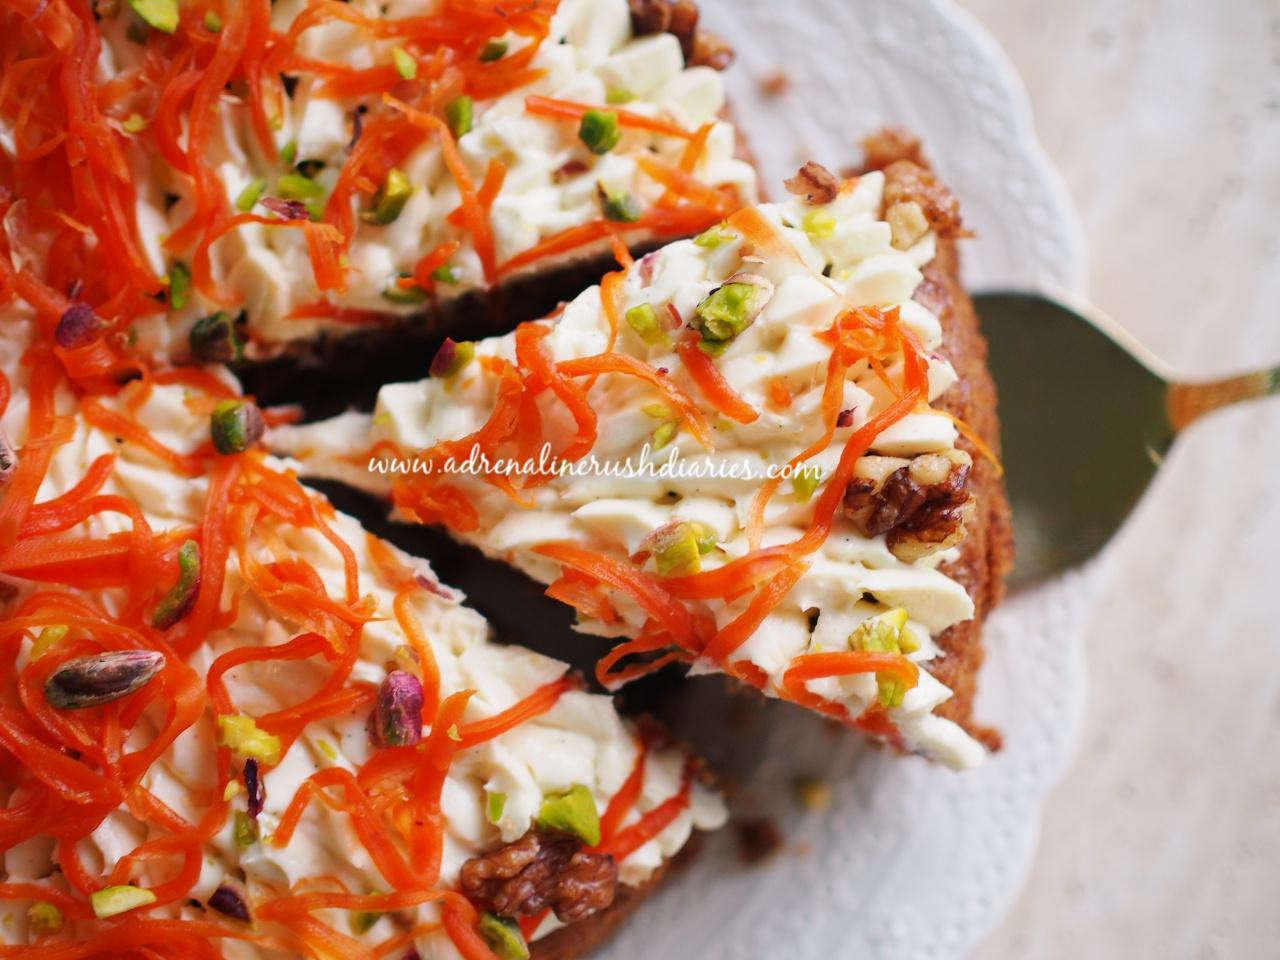 Carrot Cake เค้กแครอท